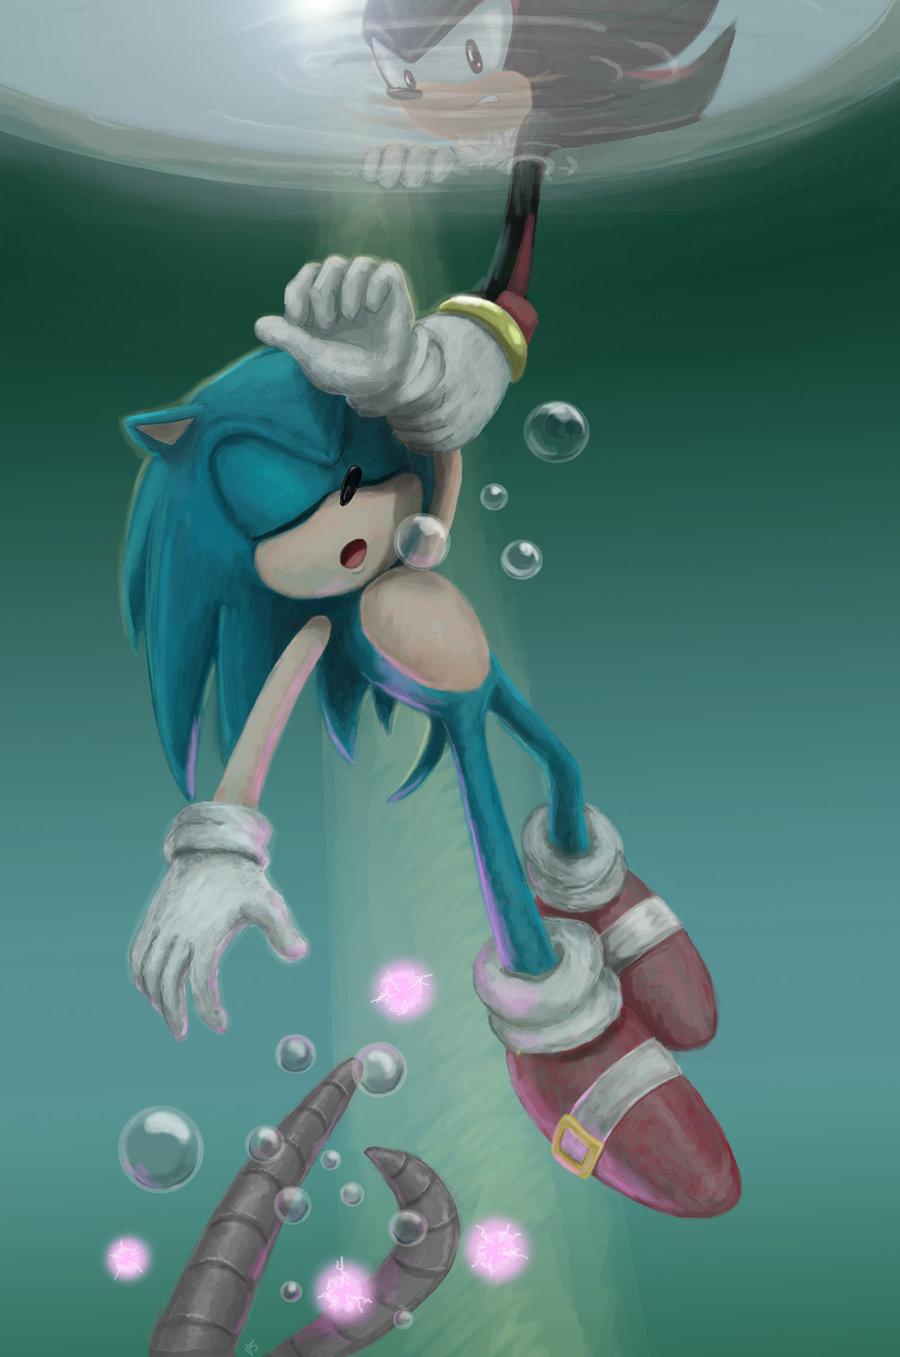 Drown Sonic The Hedgehog Fan Art 30624174 Fanpop Page 5